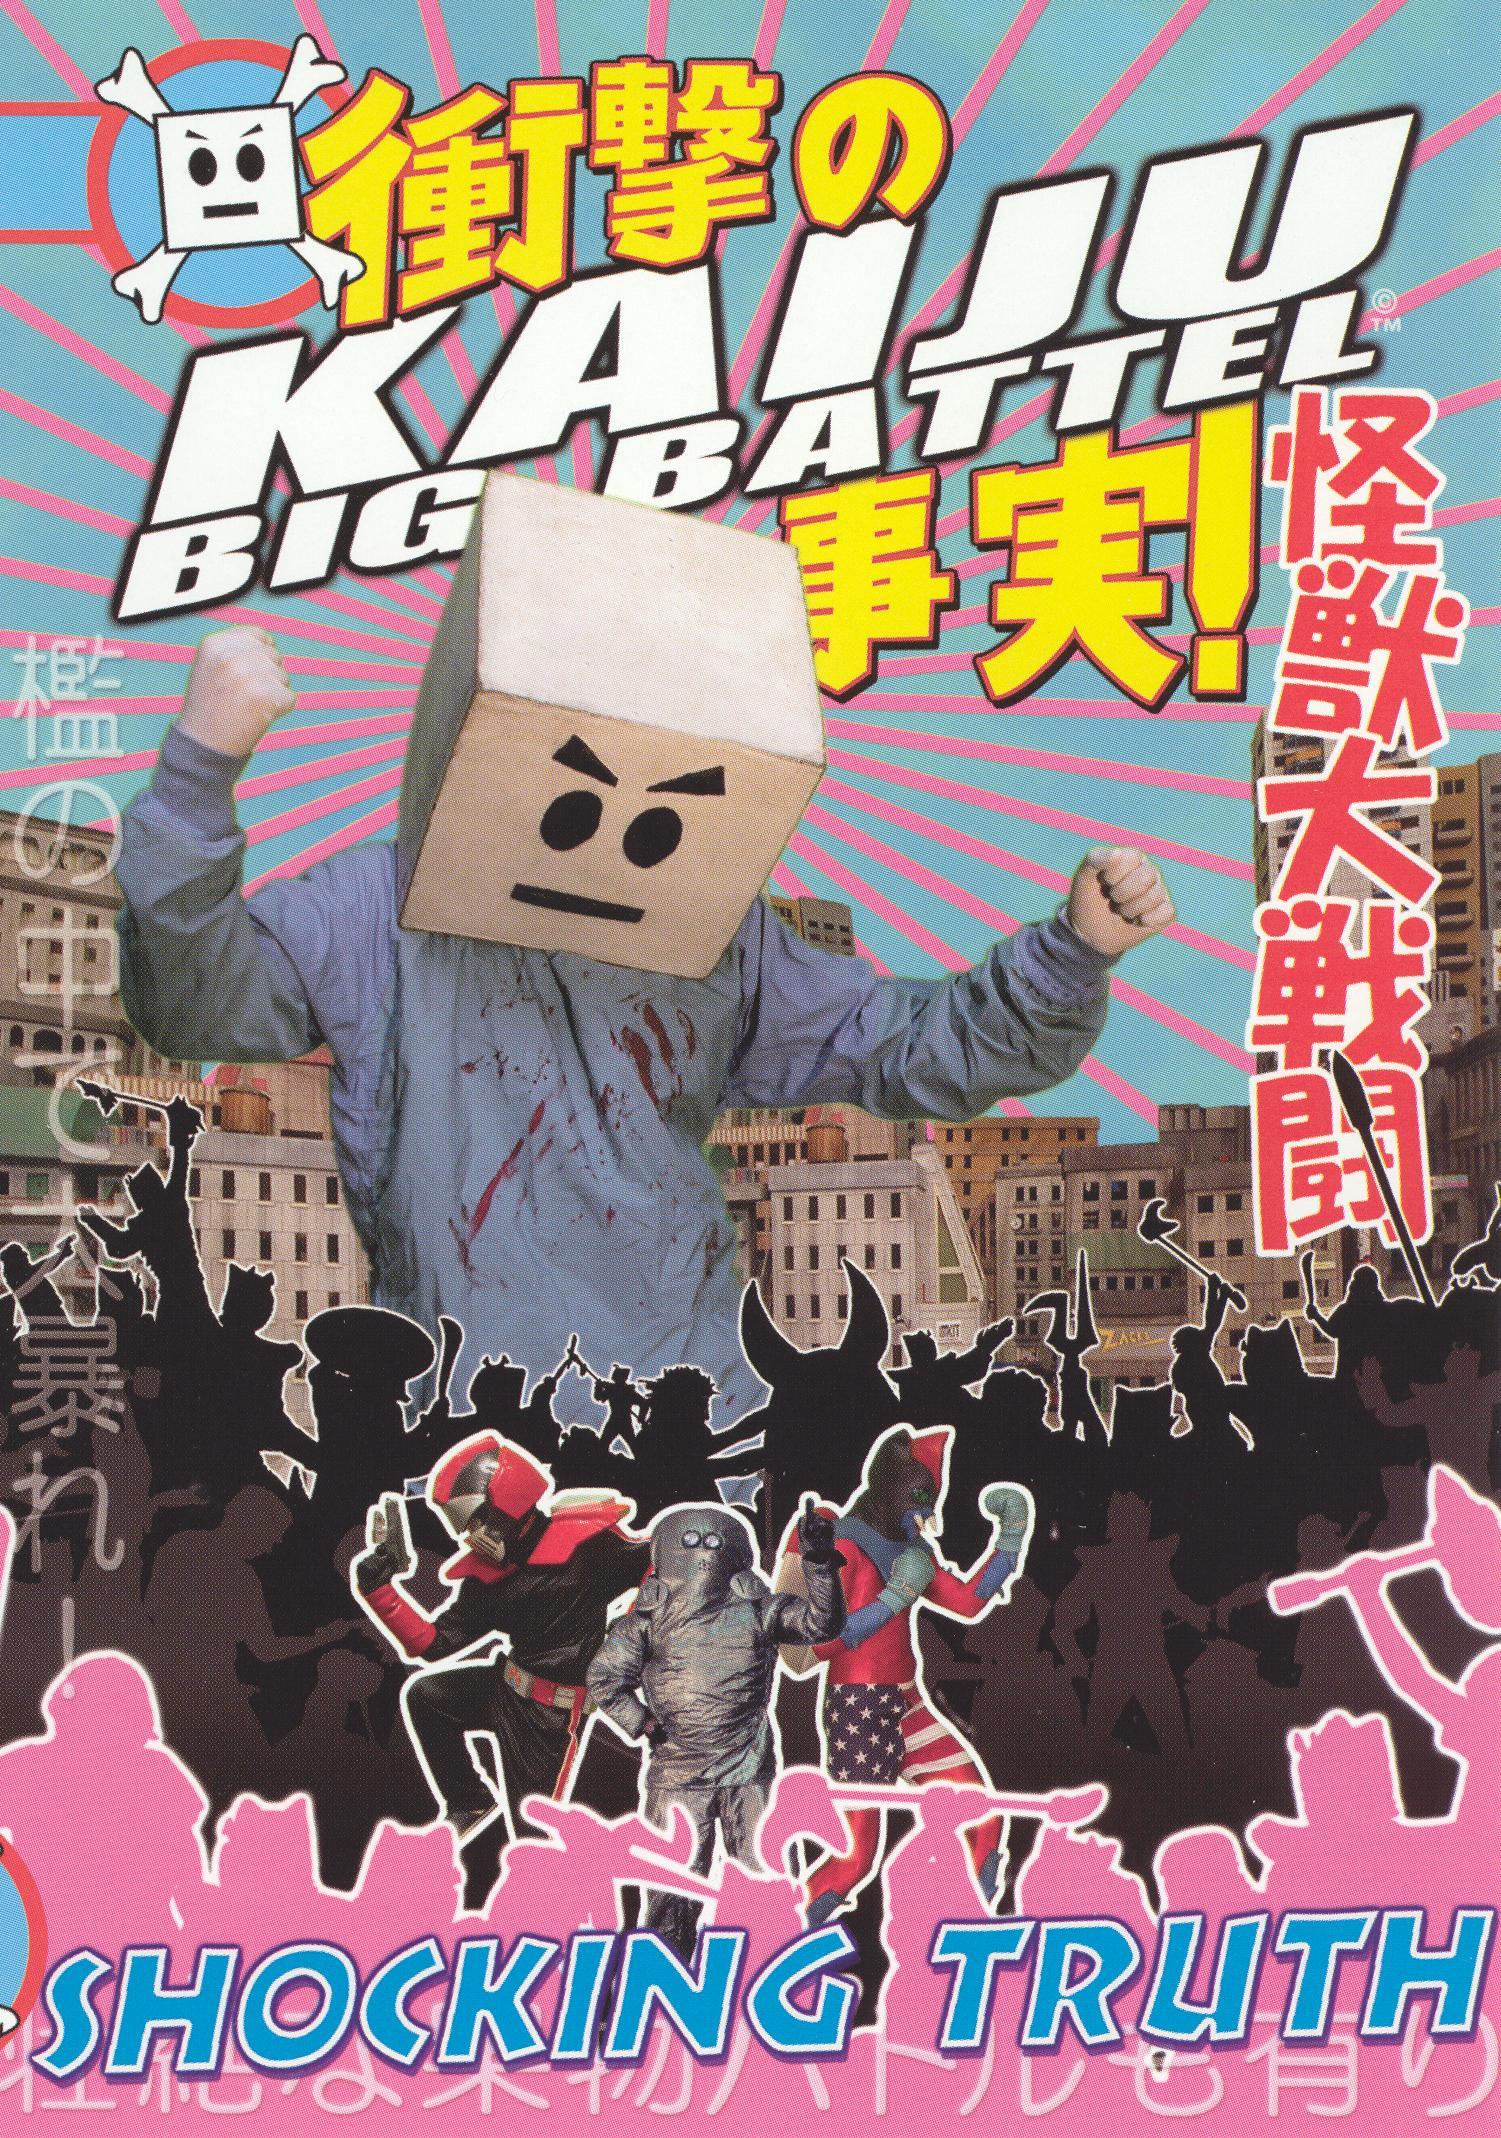 Kaiju Big Battel: Shocking Truth